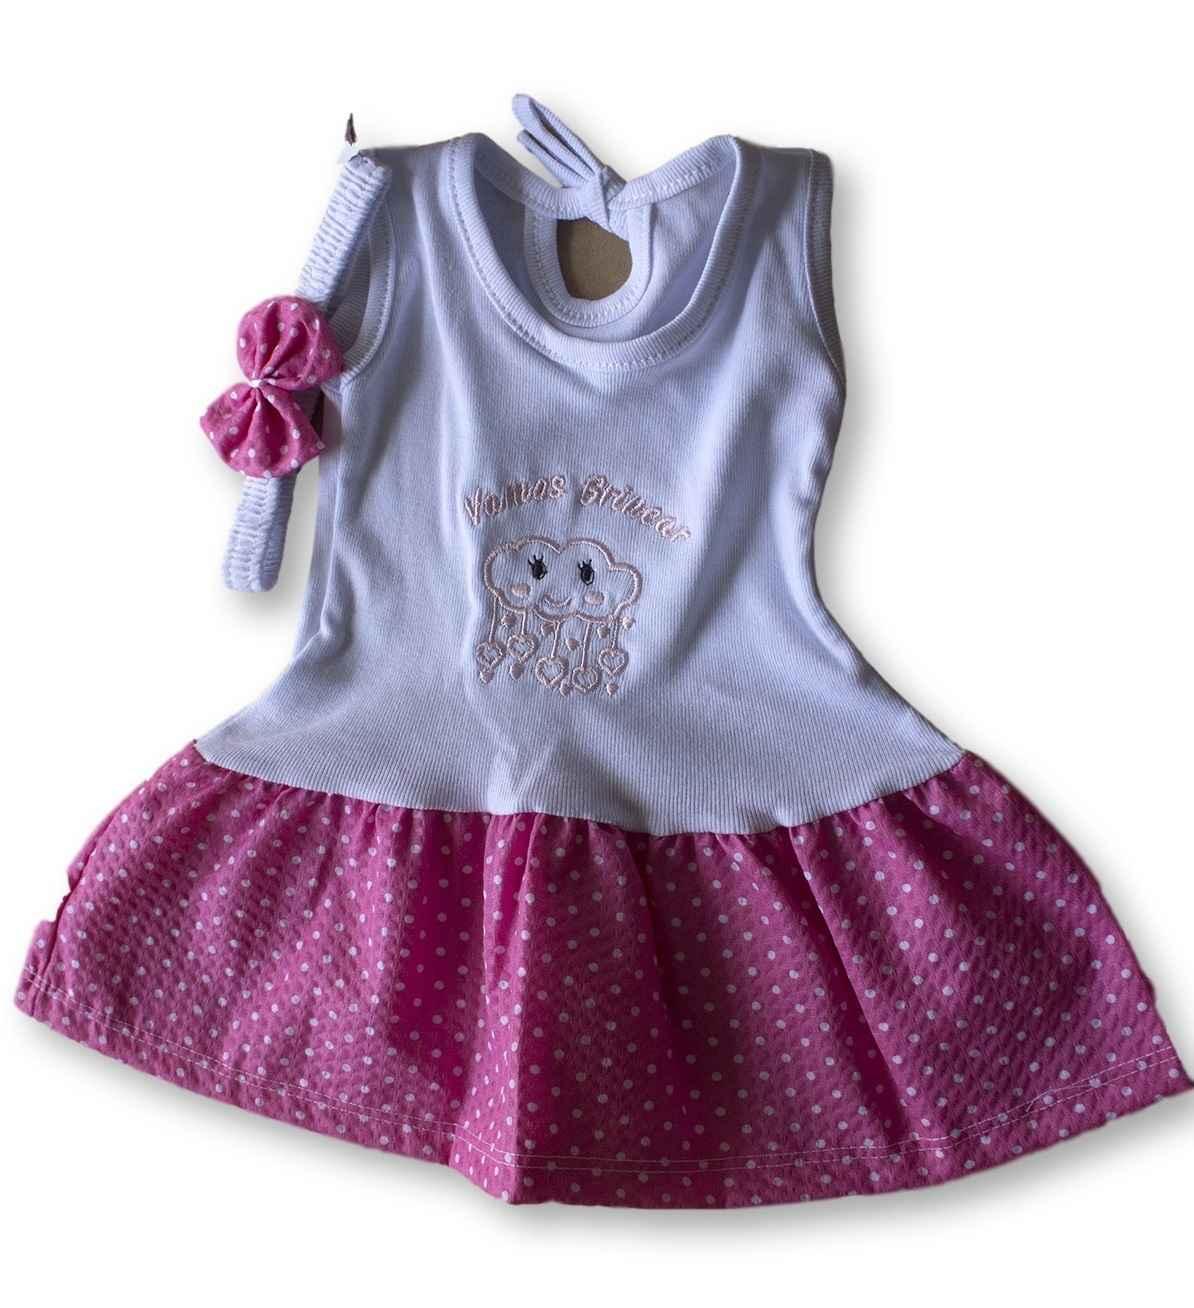 Vestido Com Tiara Bebê Recém Nascido Feminino Menina Cod 9102